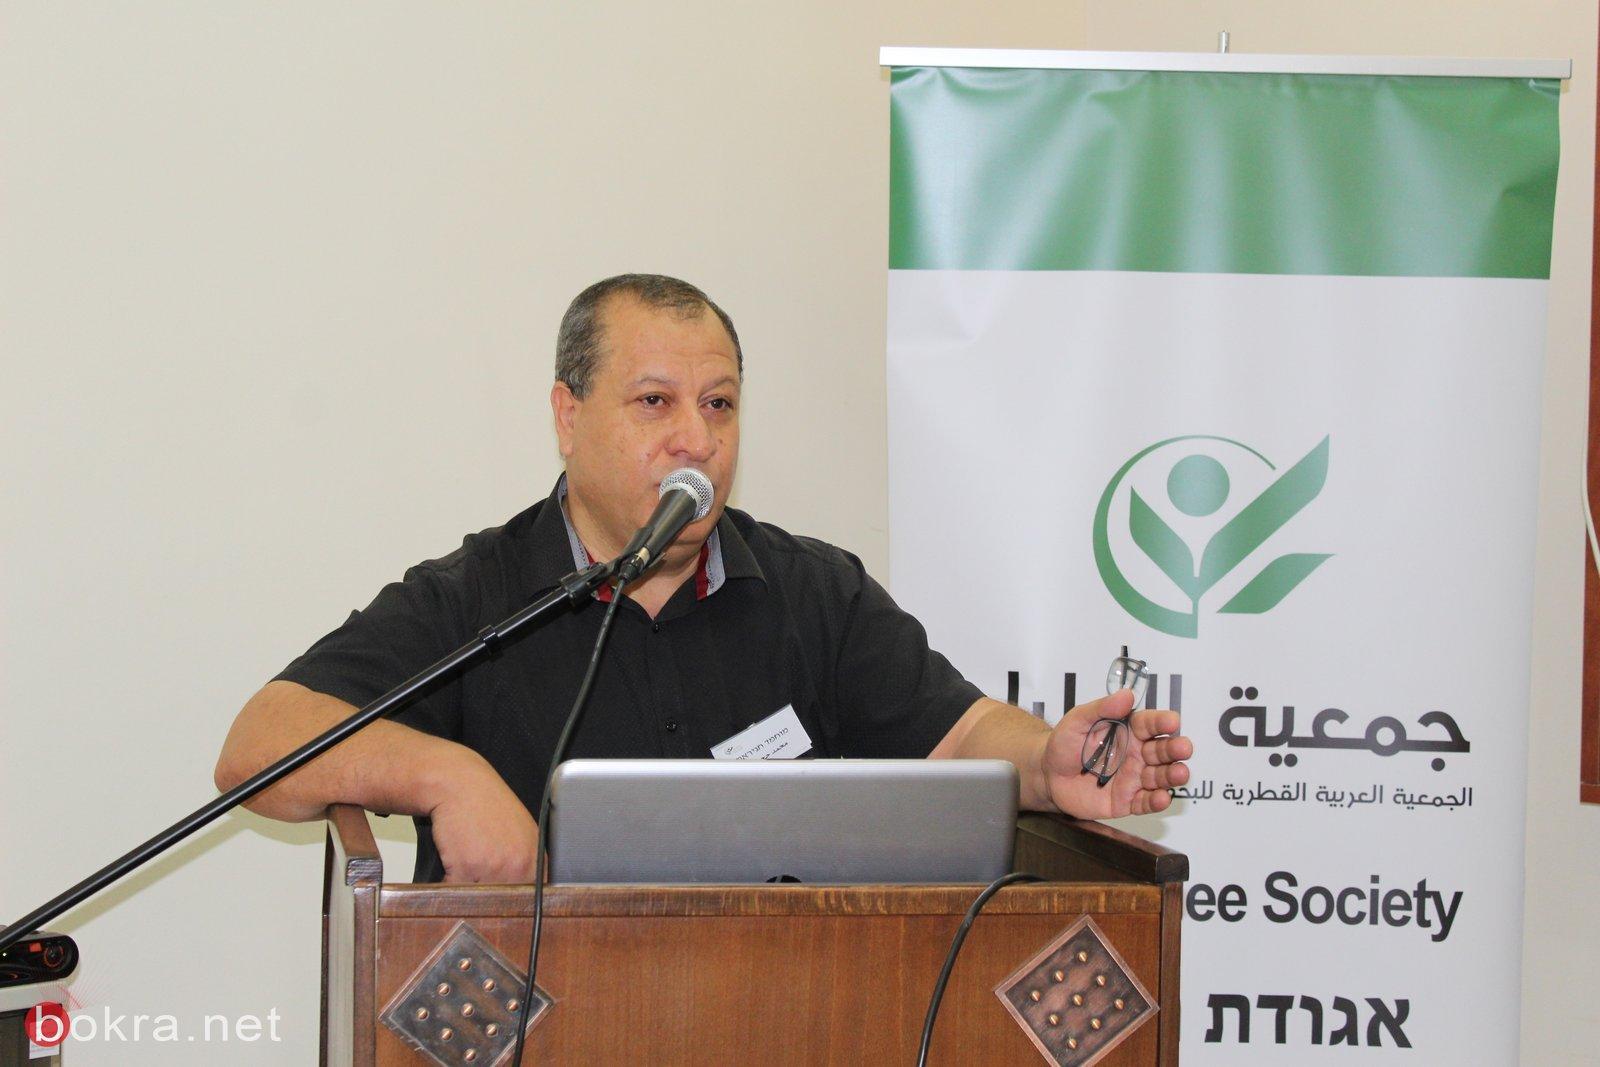 جمعية الجليل تطلق مؤتمرها العلمي السنوي للعام 2019 -9